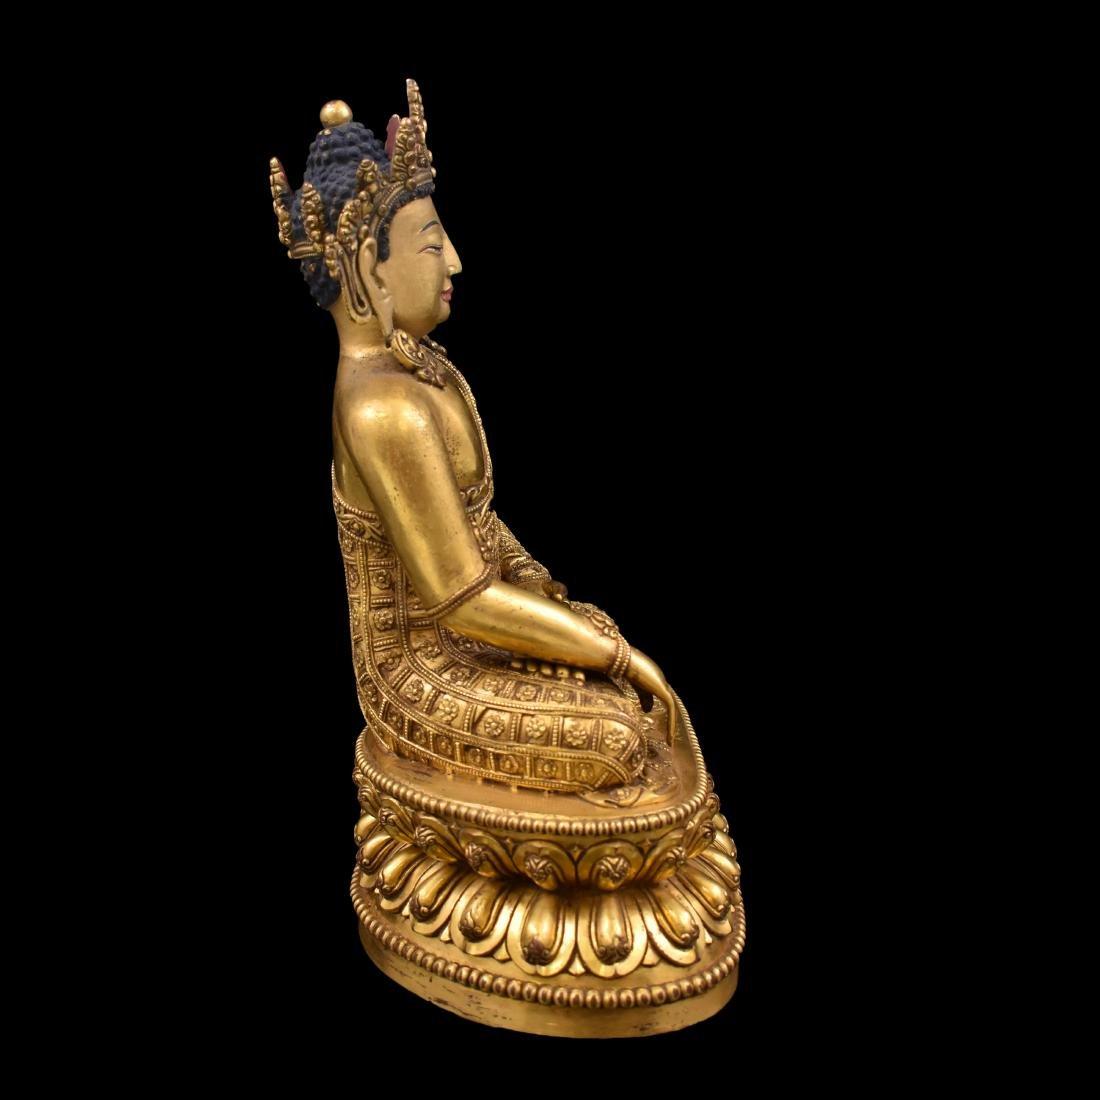 MING YONGLE GILT BRONZE CROWNED SHAKYAMUNI BUDDHA - 13